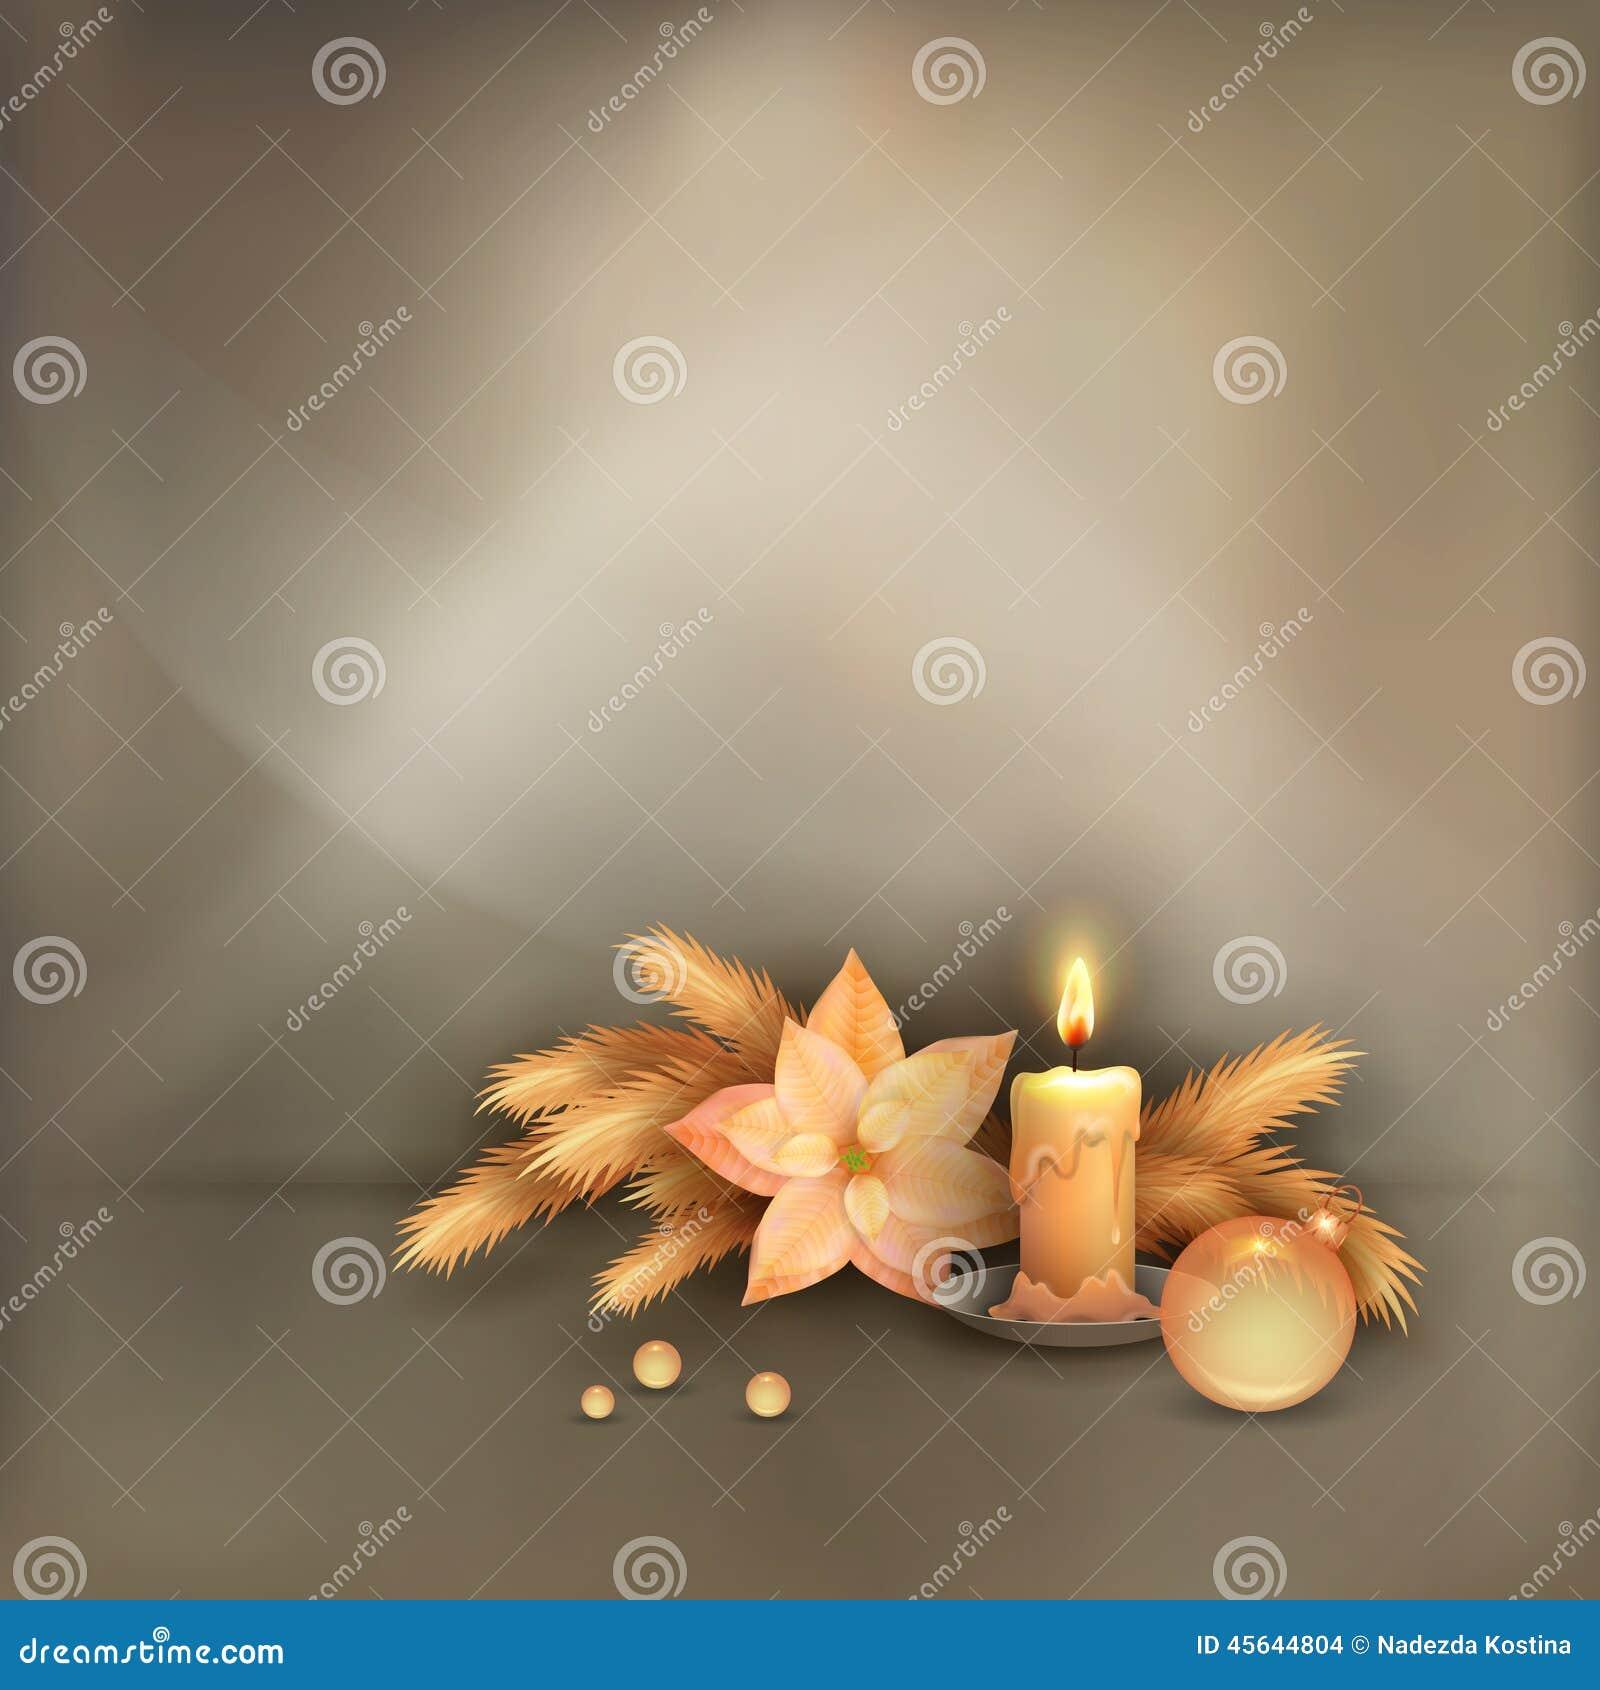 weihnachtsfeier hintergrund vektor abbildung bild 45644804. Black Bedroom Furniture Sets. Home Design Ideas